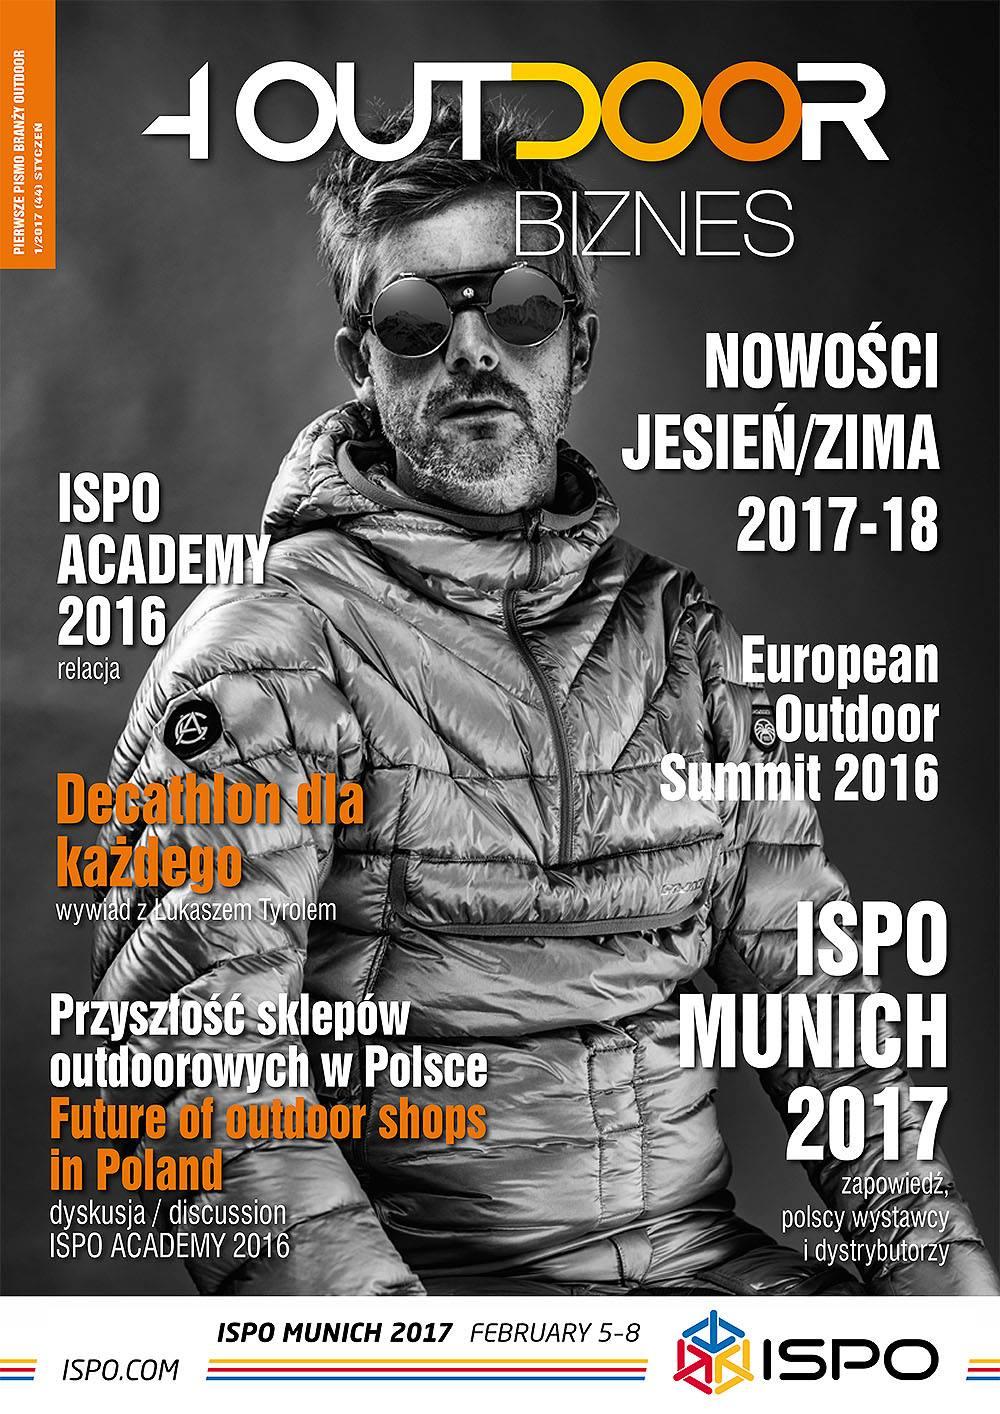 Ukazał się najnowszy Magazyn 4outdoor Biznes – edycja na ISPO MUNICH 2017